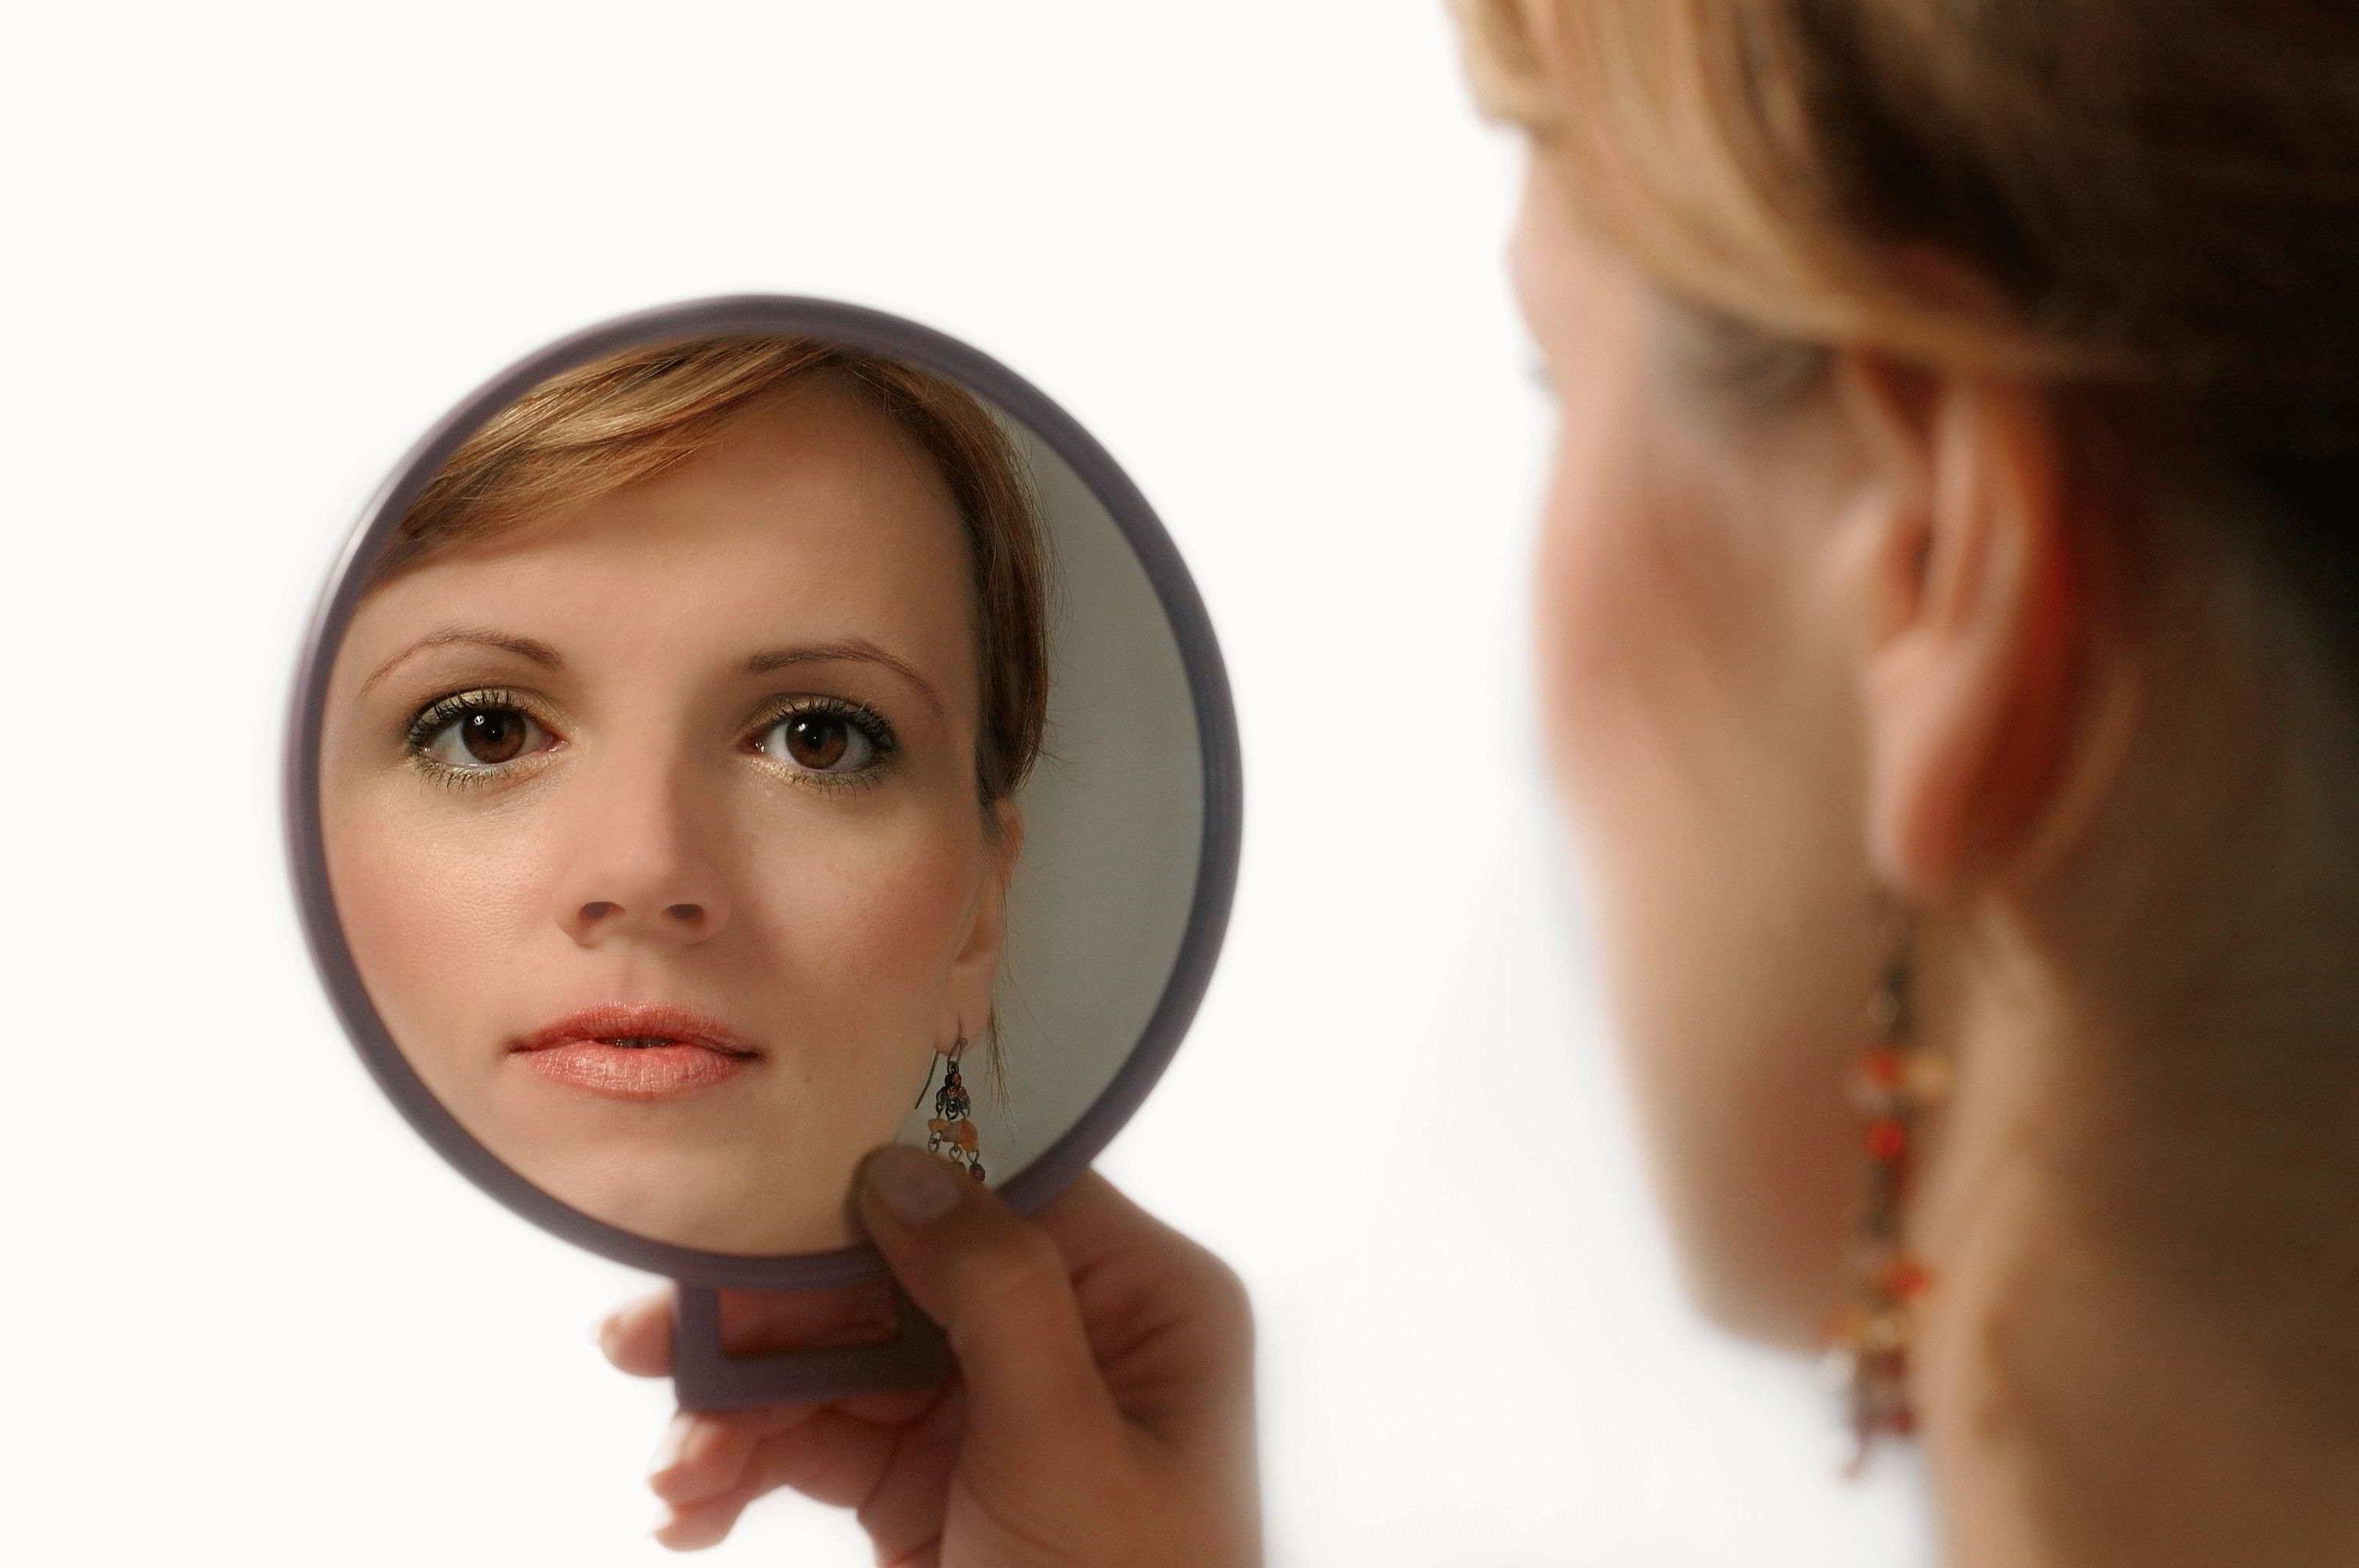 Исполнение желаний с помощью зеркала — как правильно делать?